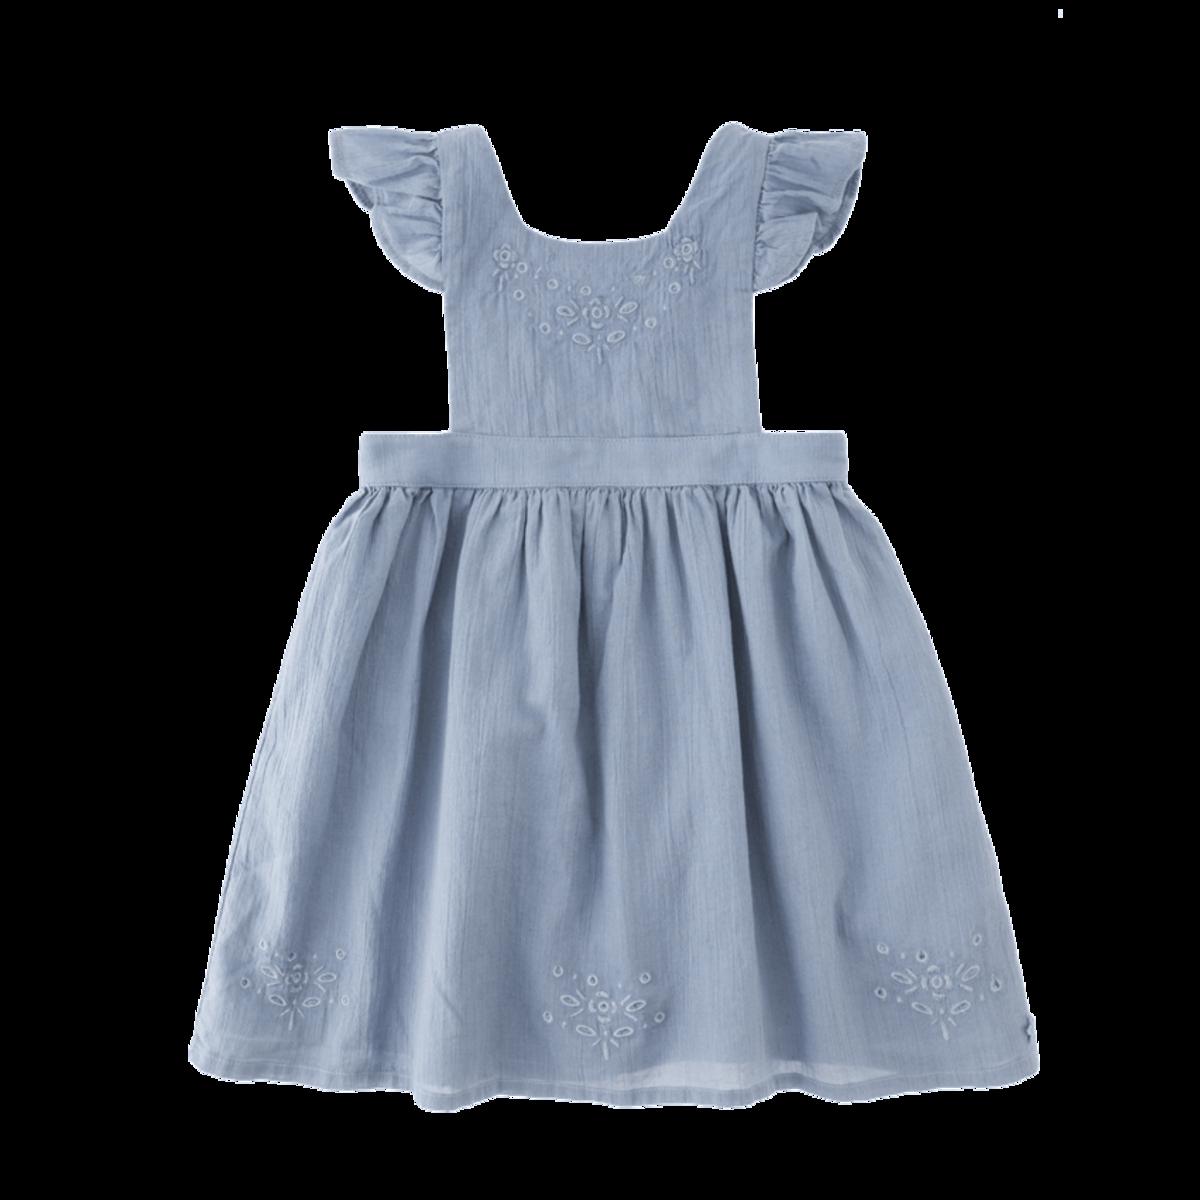 Blue apron dress - Tocoto Vintage